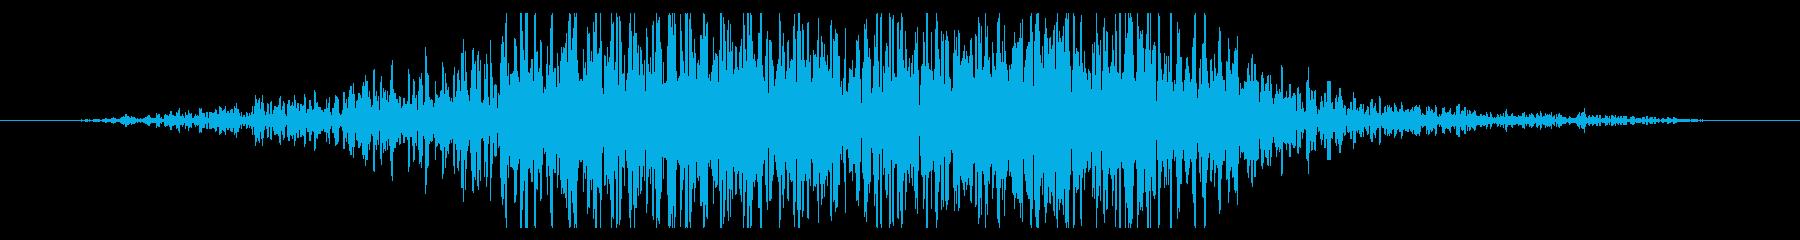 斬撃 ディープスコールヘビー02の再生済みの波形